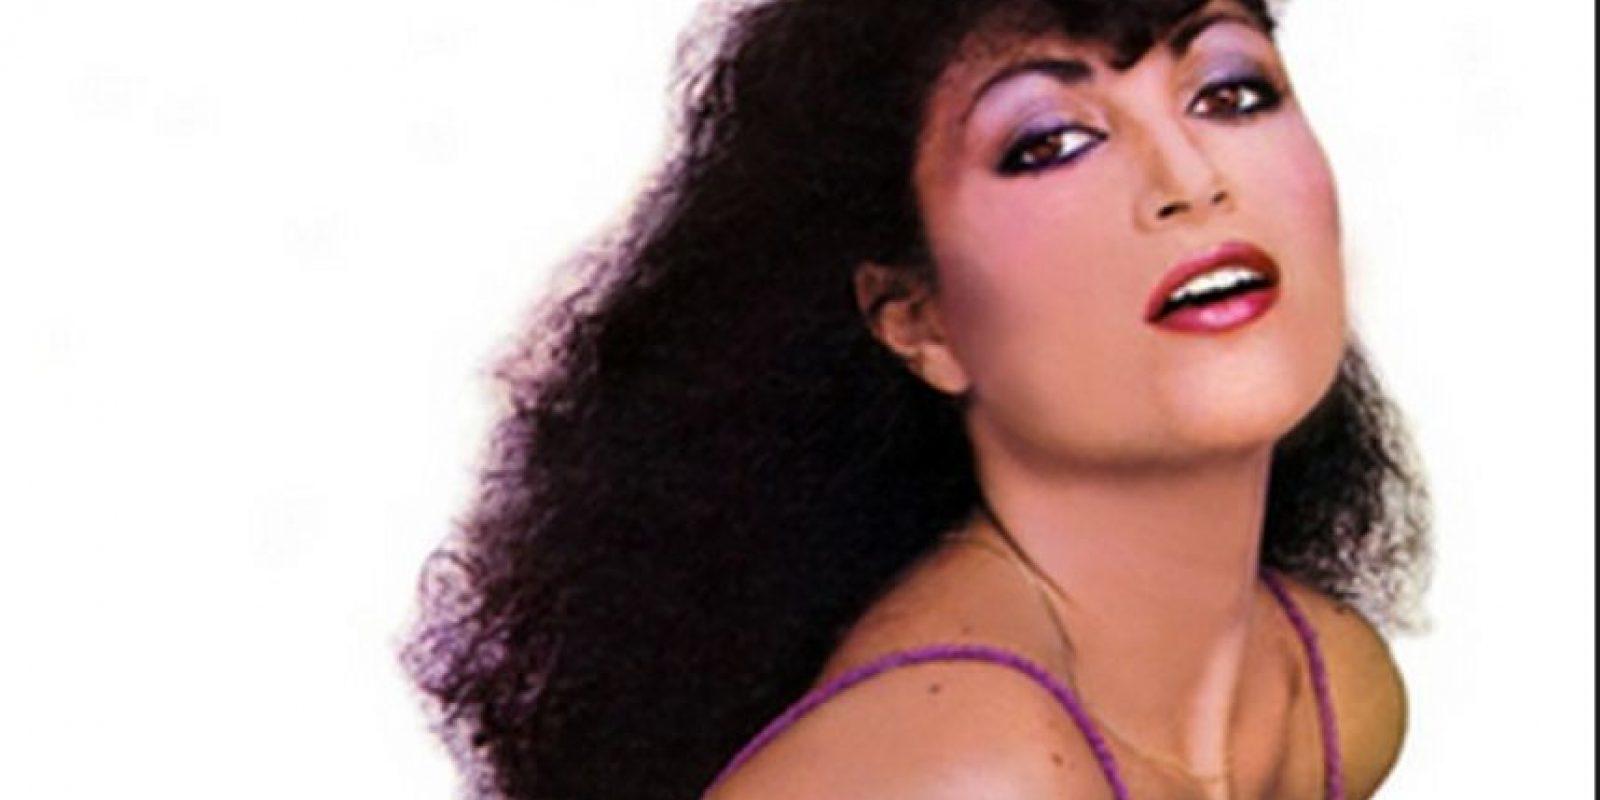 Con 35 años de trayectoria artística, Amanda Miguel tiene 12 discos de estudio lanzados al mercado. Ha vendido más de 40 millones de discos en todo el mundo y es acreedora a múltiples certificaciones Disco de Oro y Disco de Platino. Foto:Tumbrl